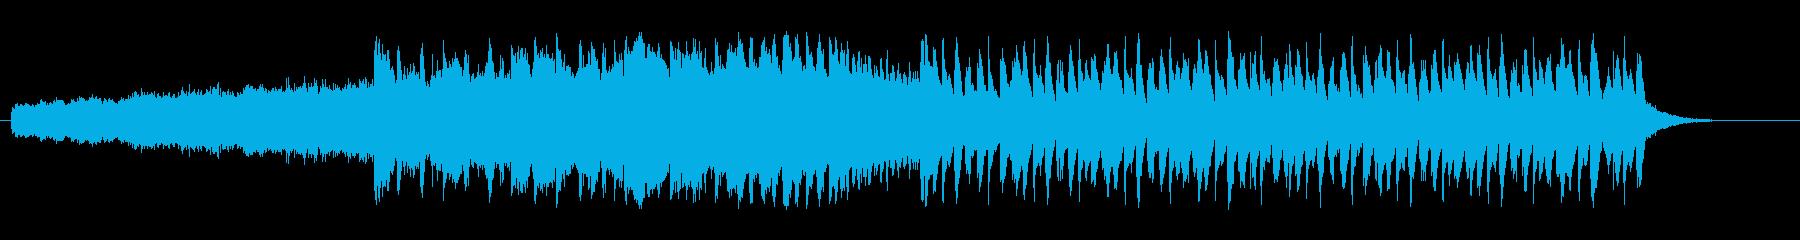 ファンファーレチックなファンクの再生済みの波形